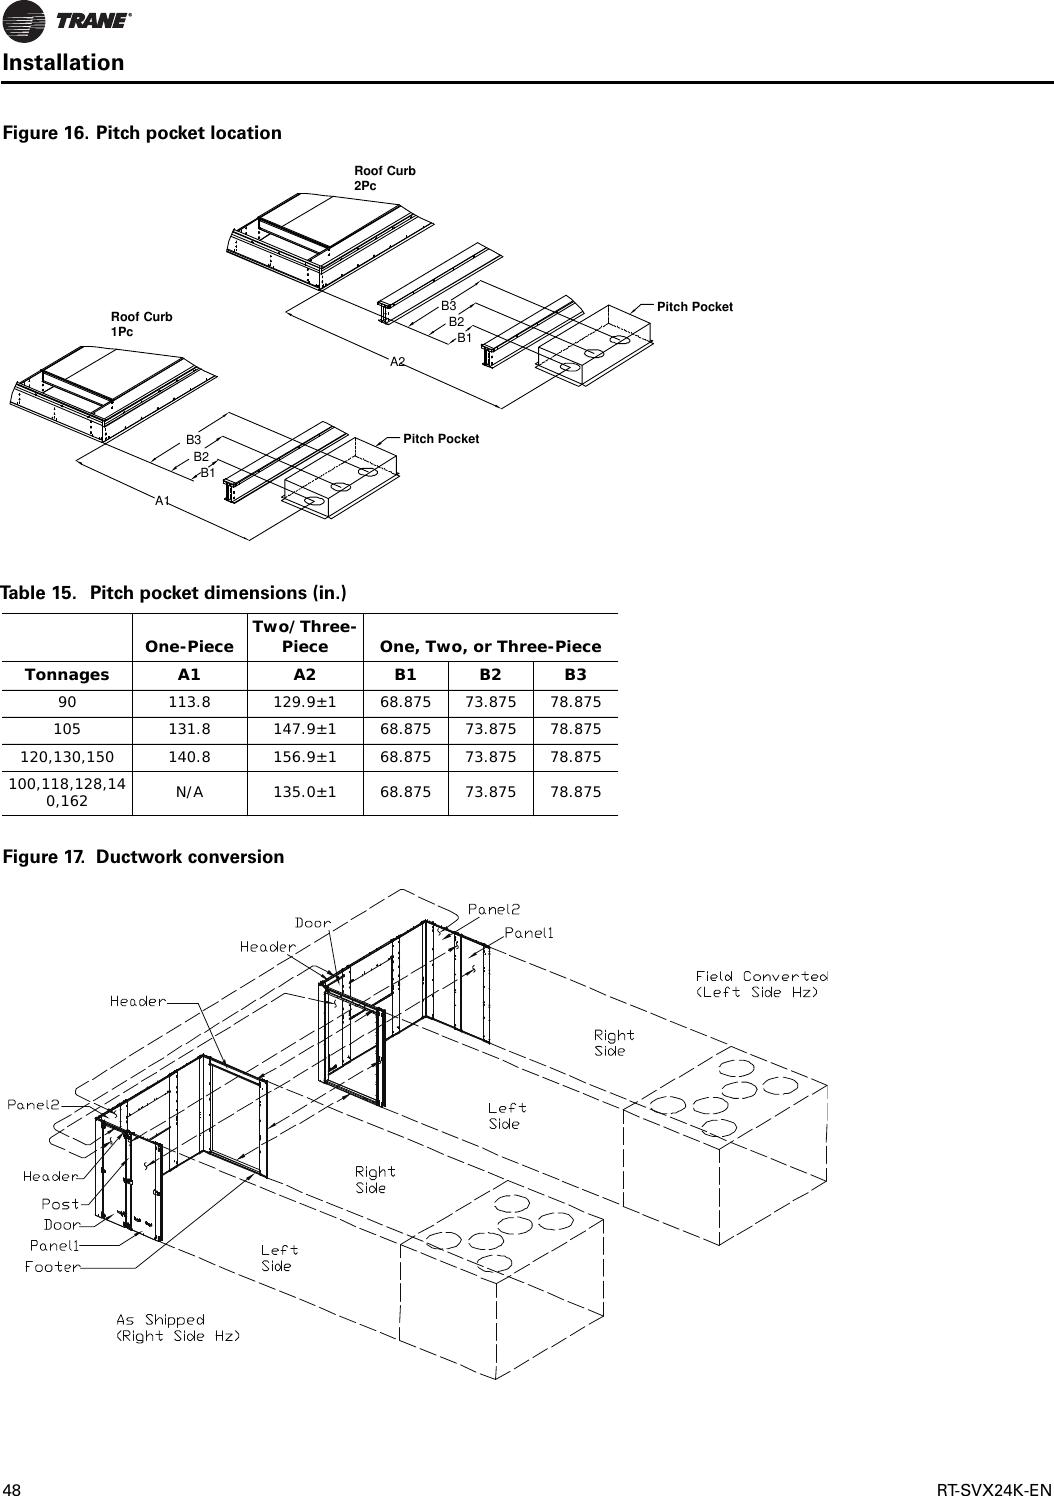 Page 48 of 200 trane trane intellipak ii 90 to